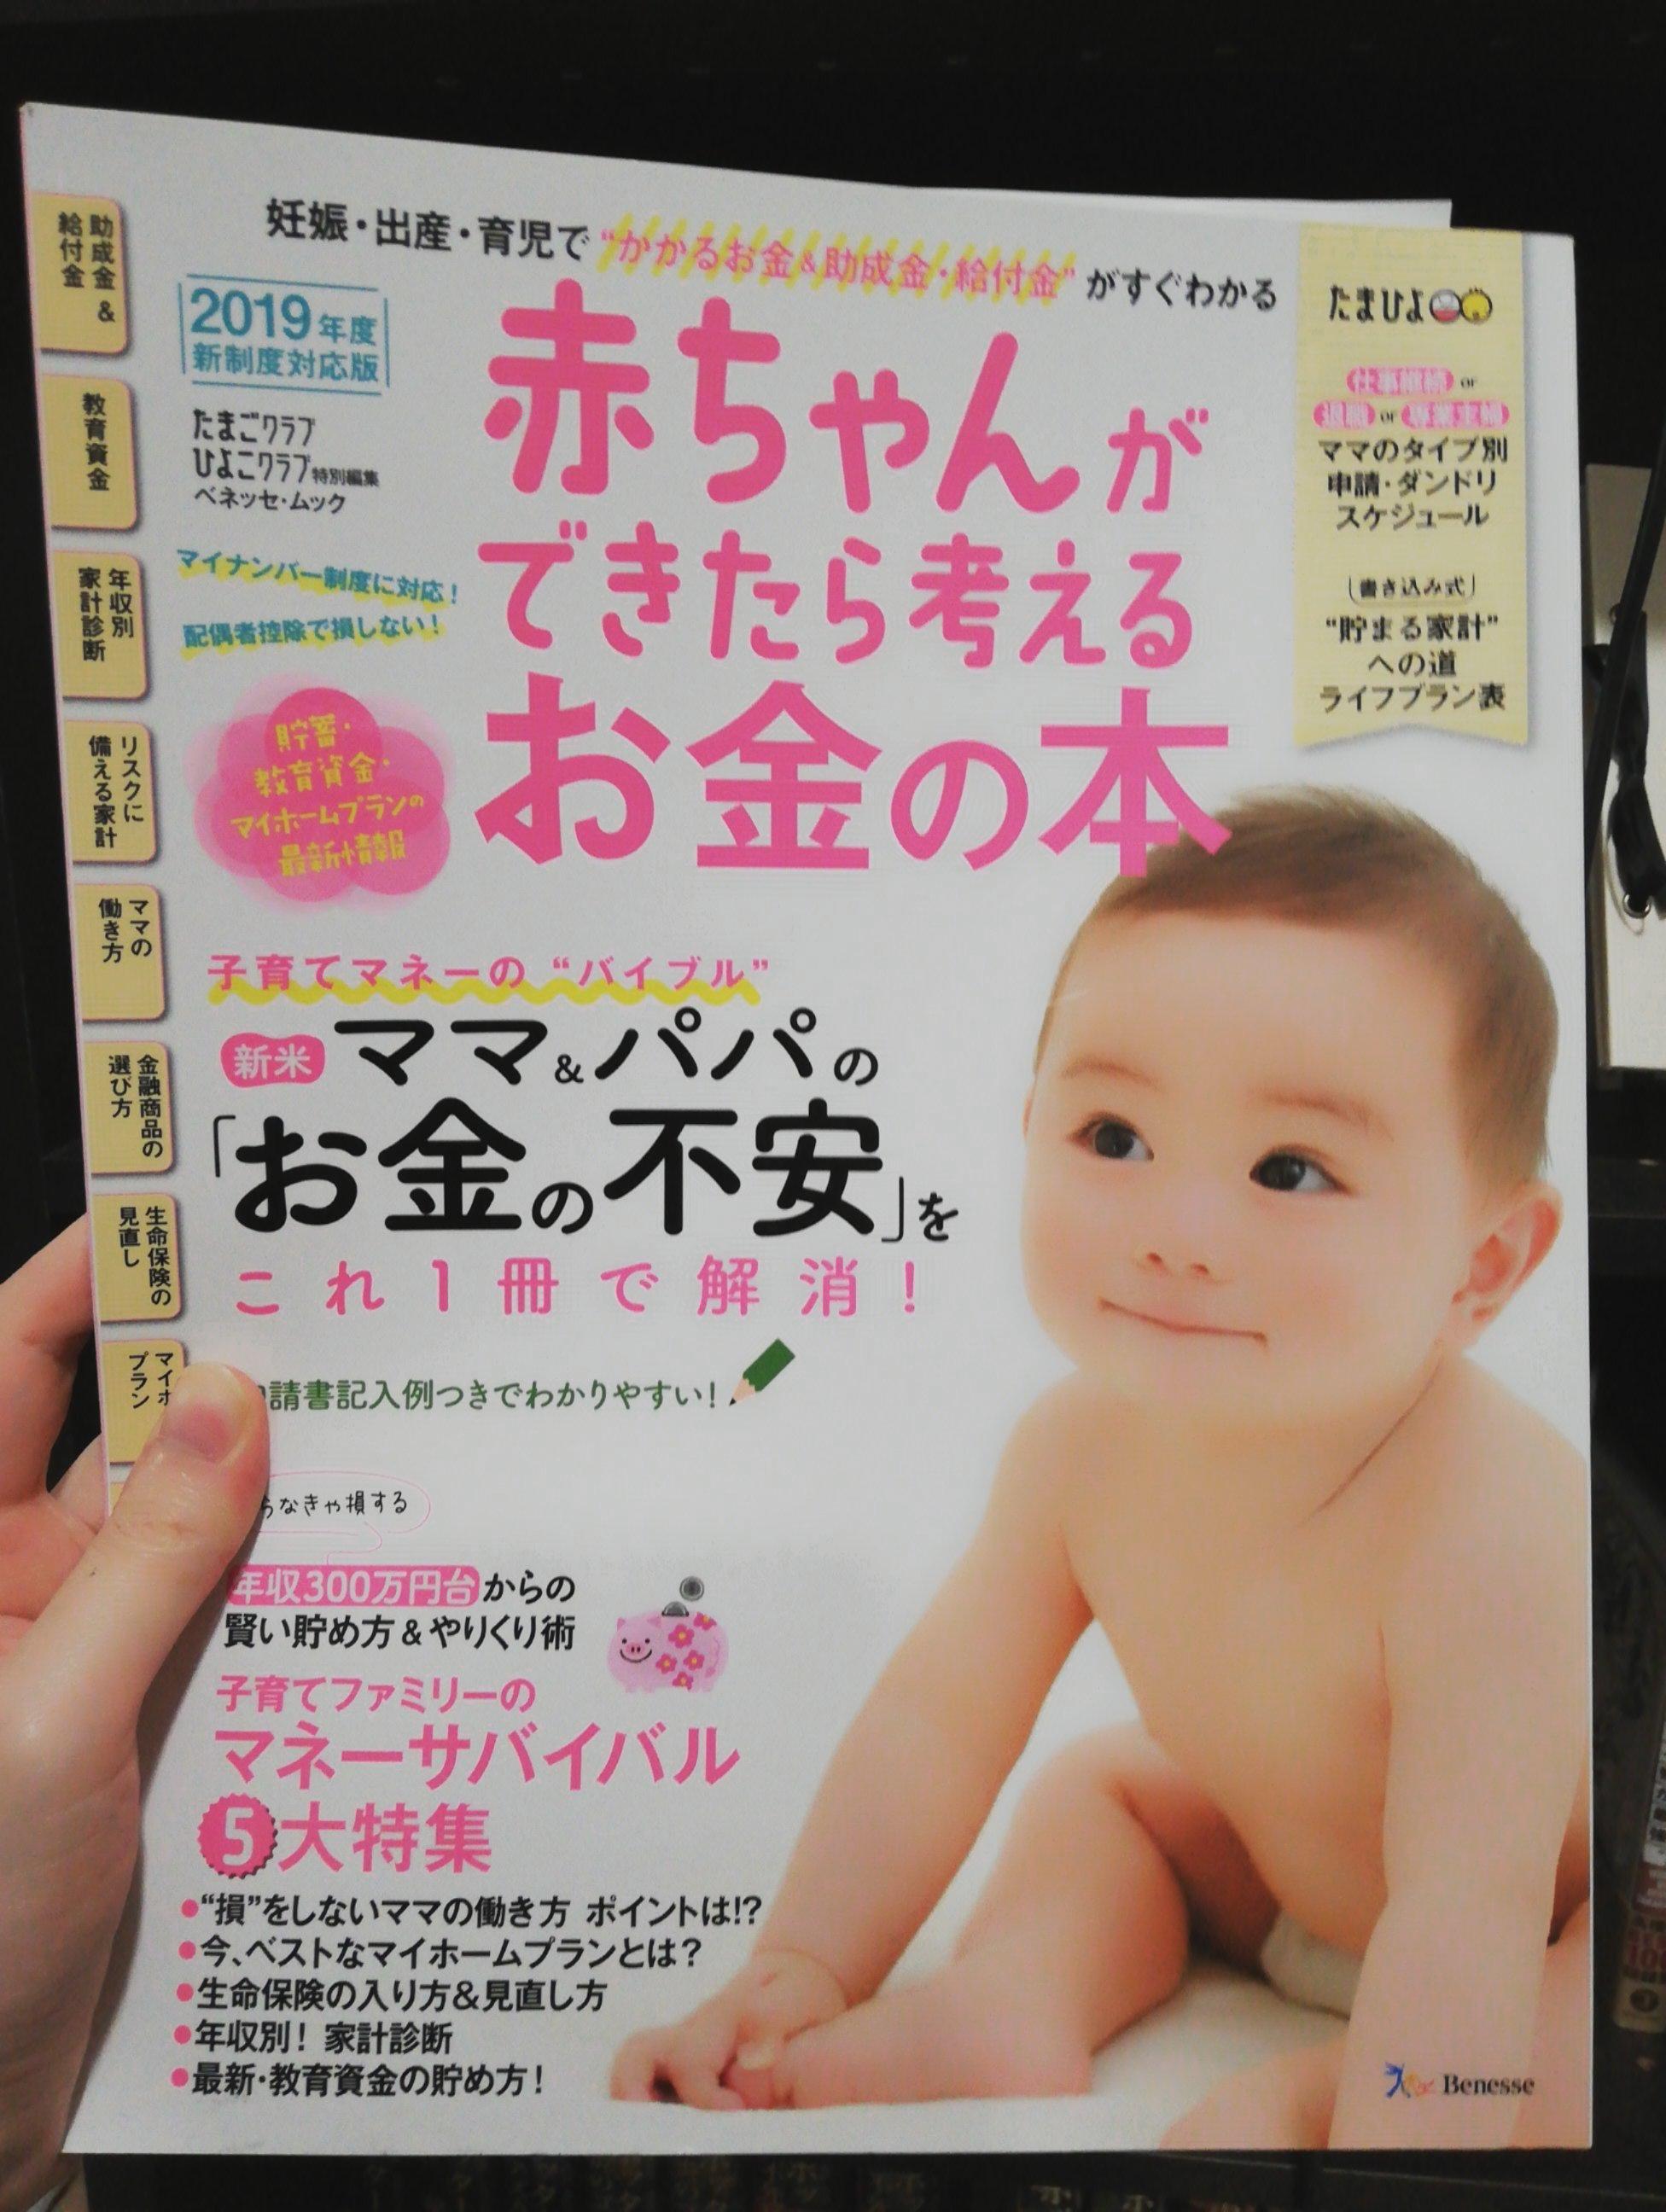 【妊娠レポ⑤】子どもを産んだ後のお金が心配…。漠然とした不安を取り除く方法